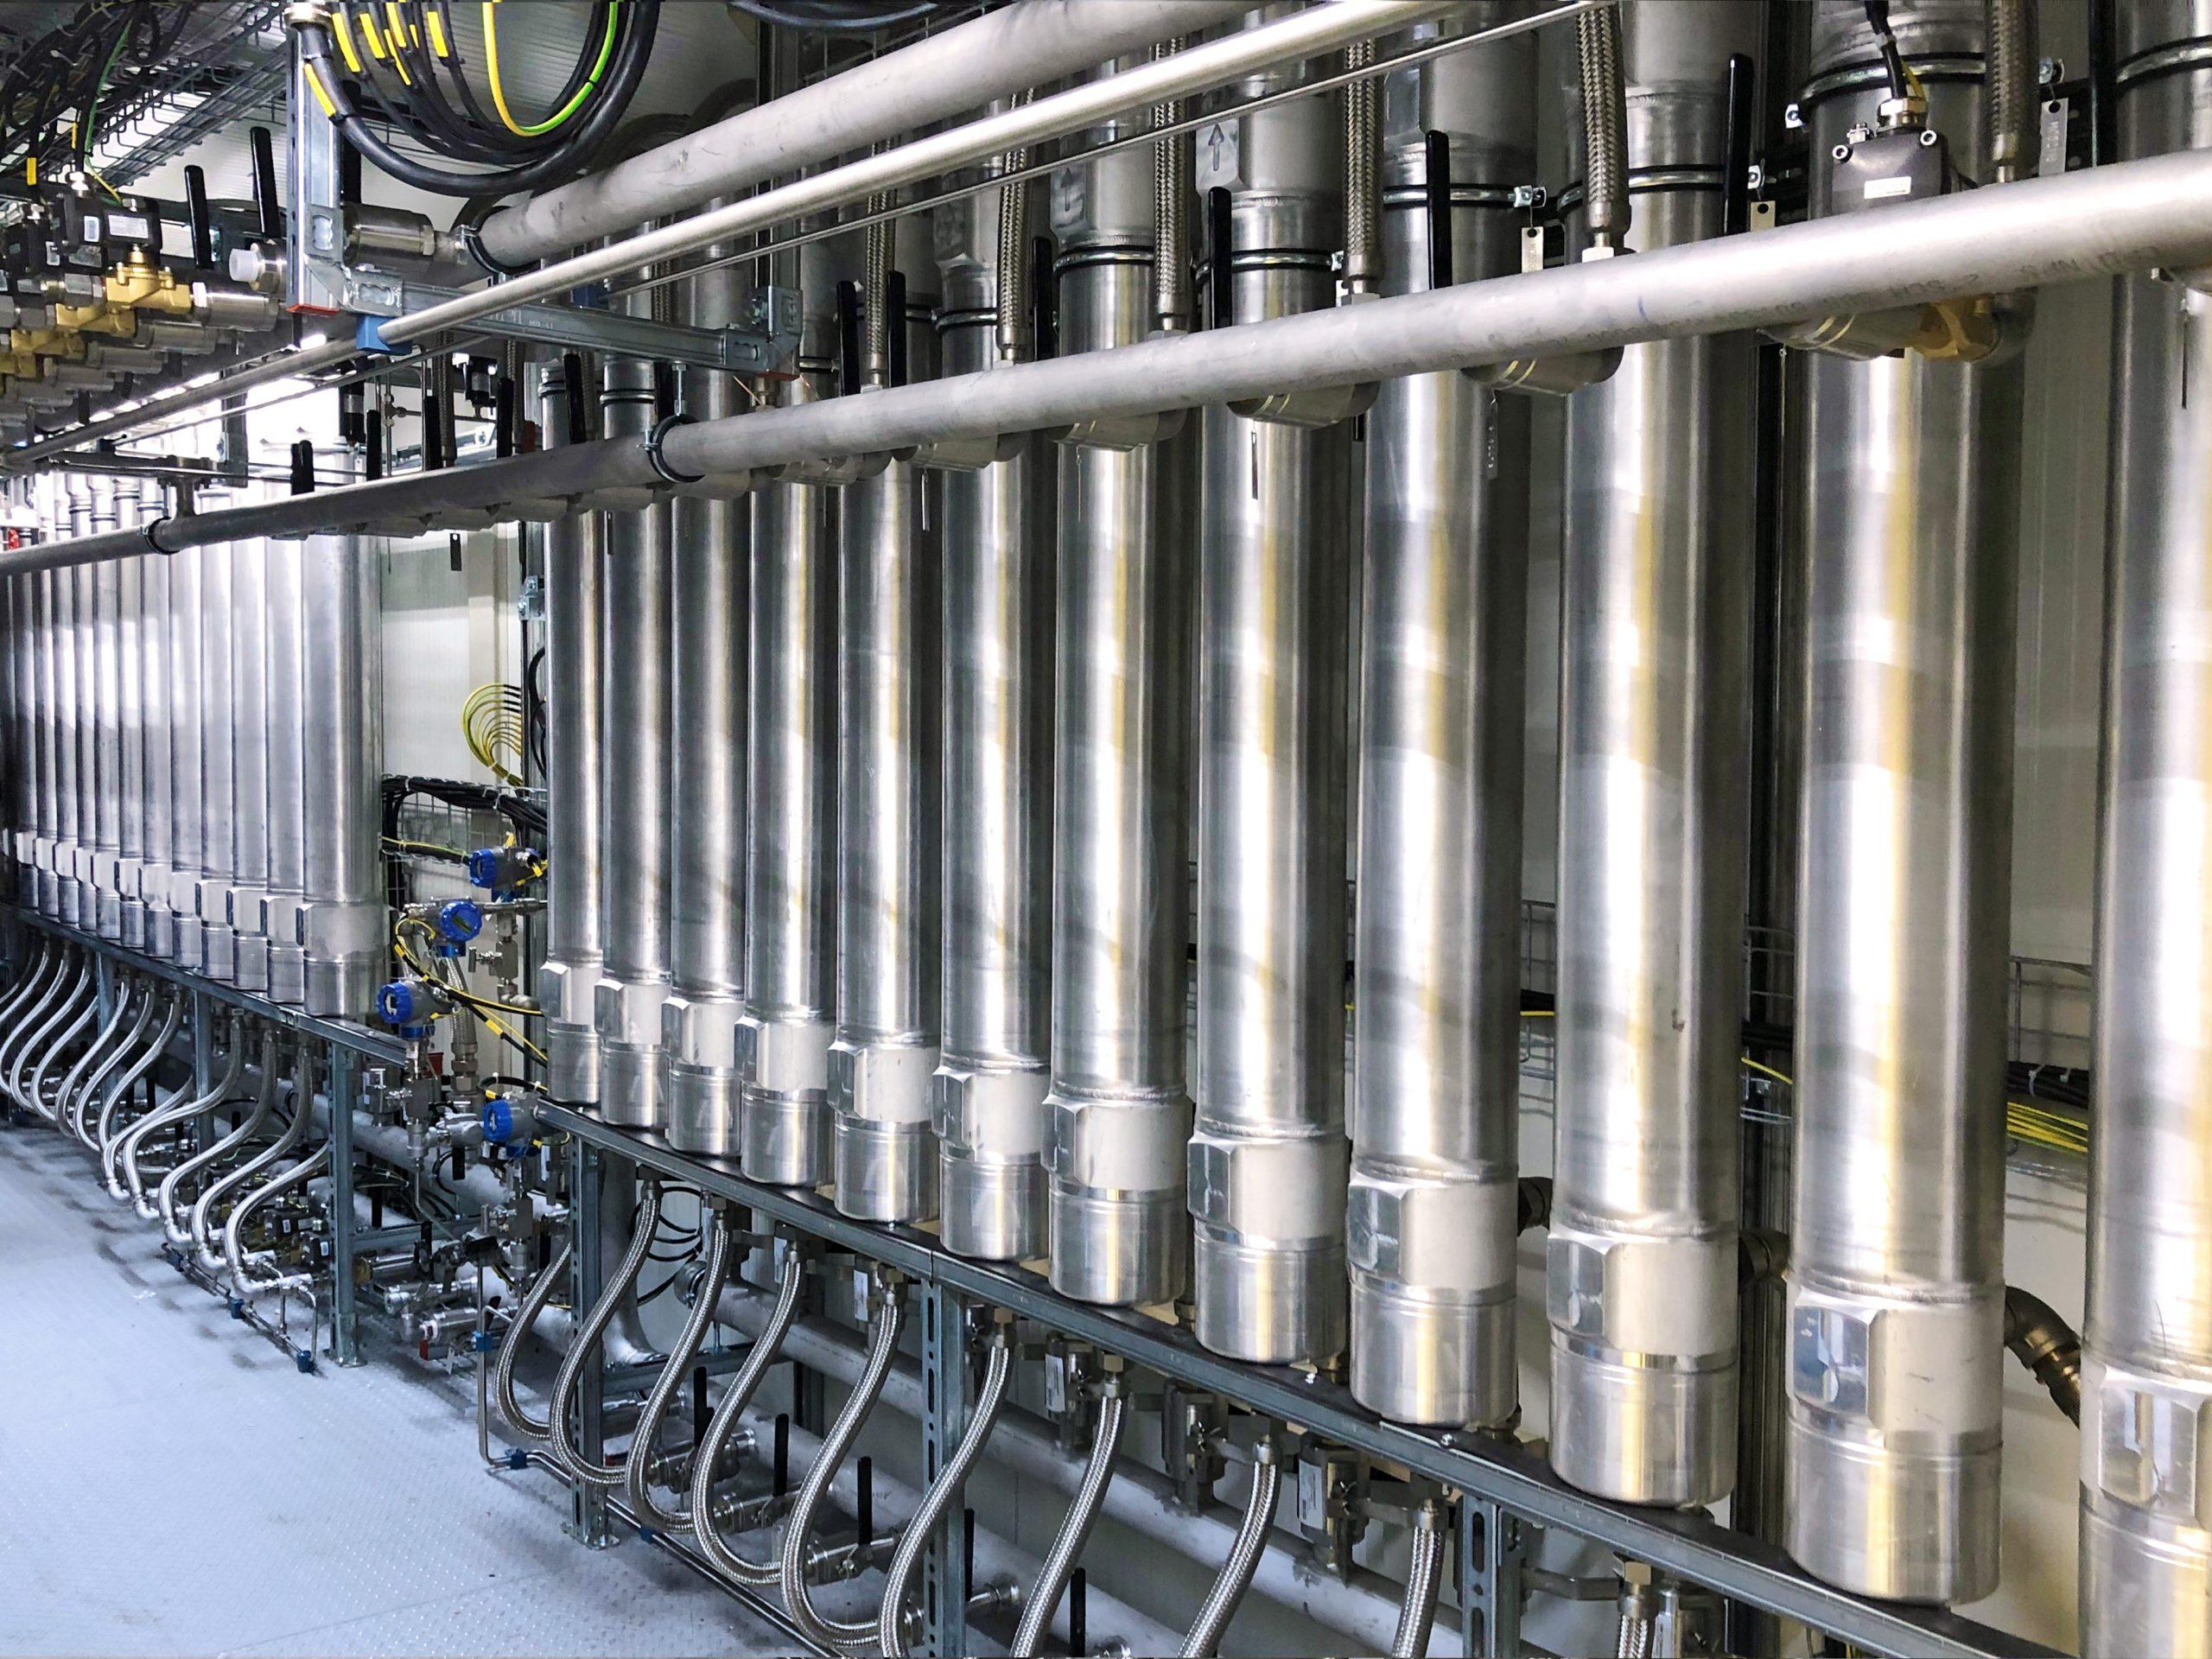 Mise en service d'une unité d'épuration Biogaz